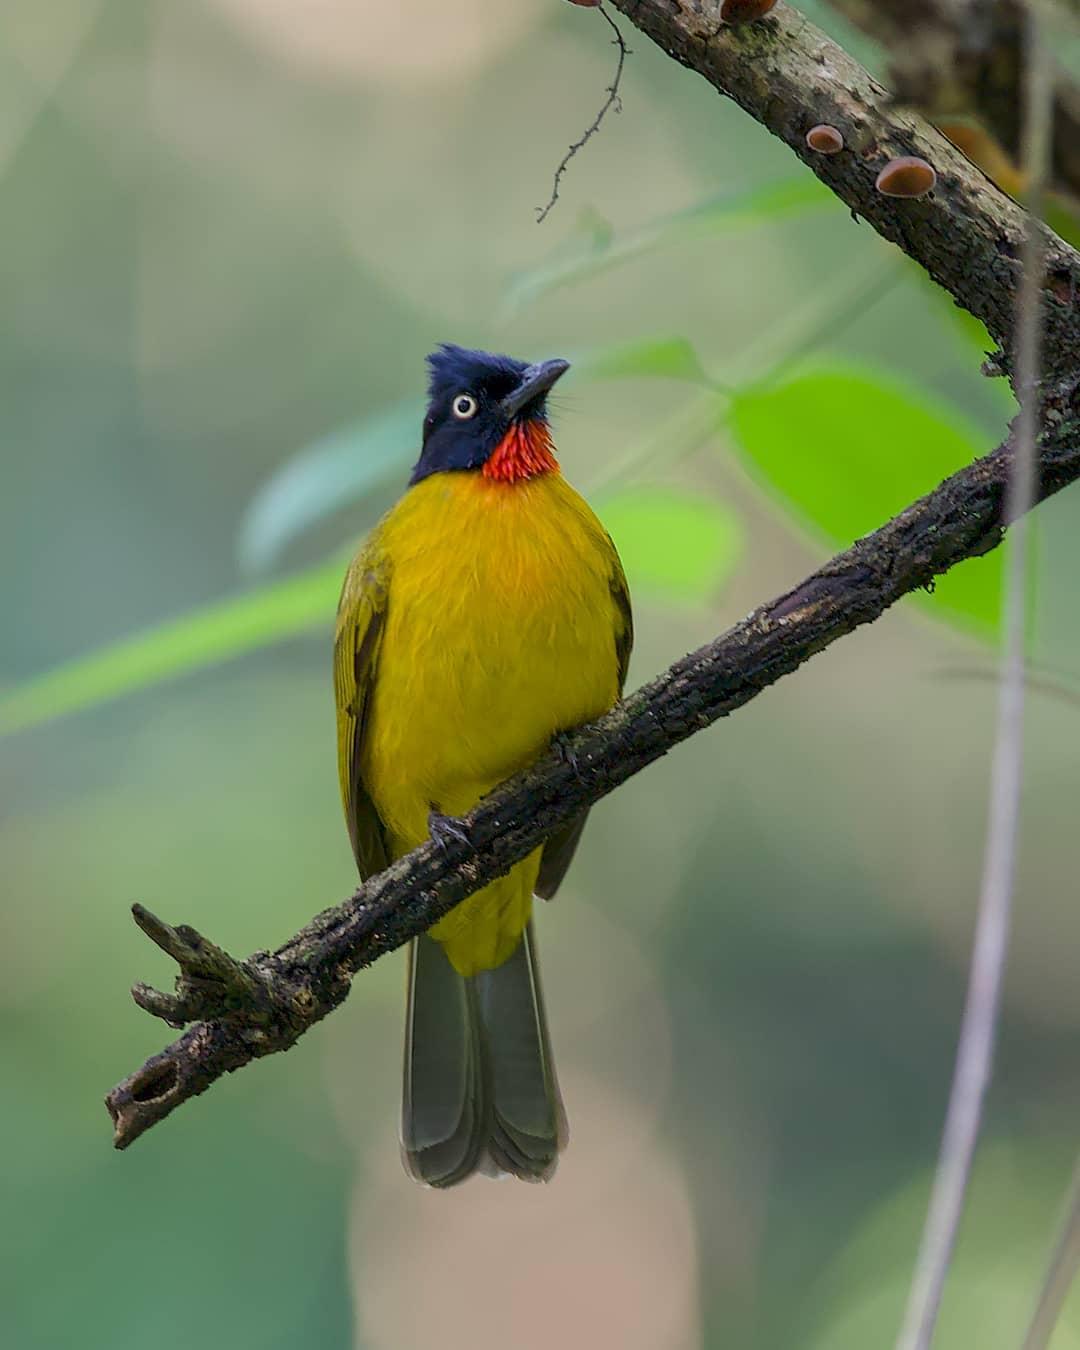 Suara Kutilang Emas : suara, kutilang, Download, Suara, Burung, Kutilang, Rajin, Ngoceh, Gacor, Abahtani